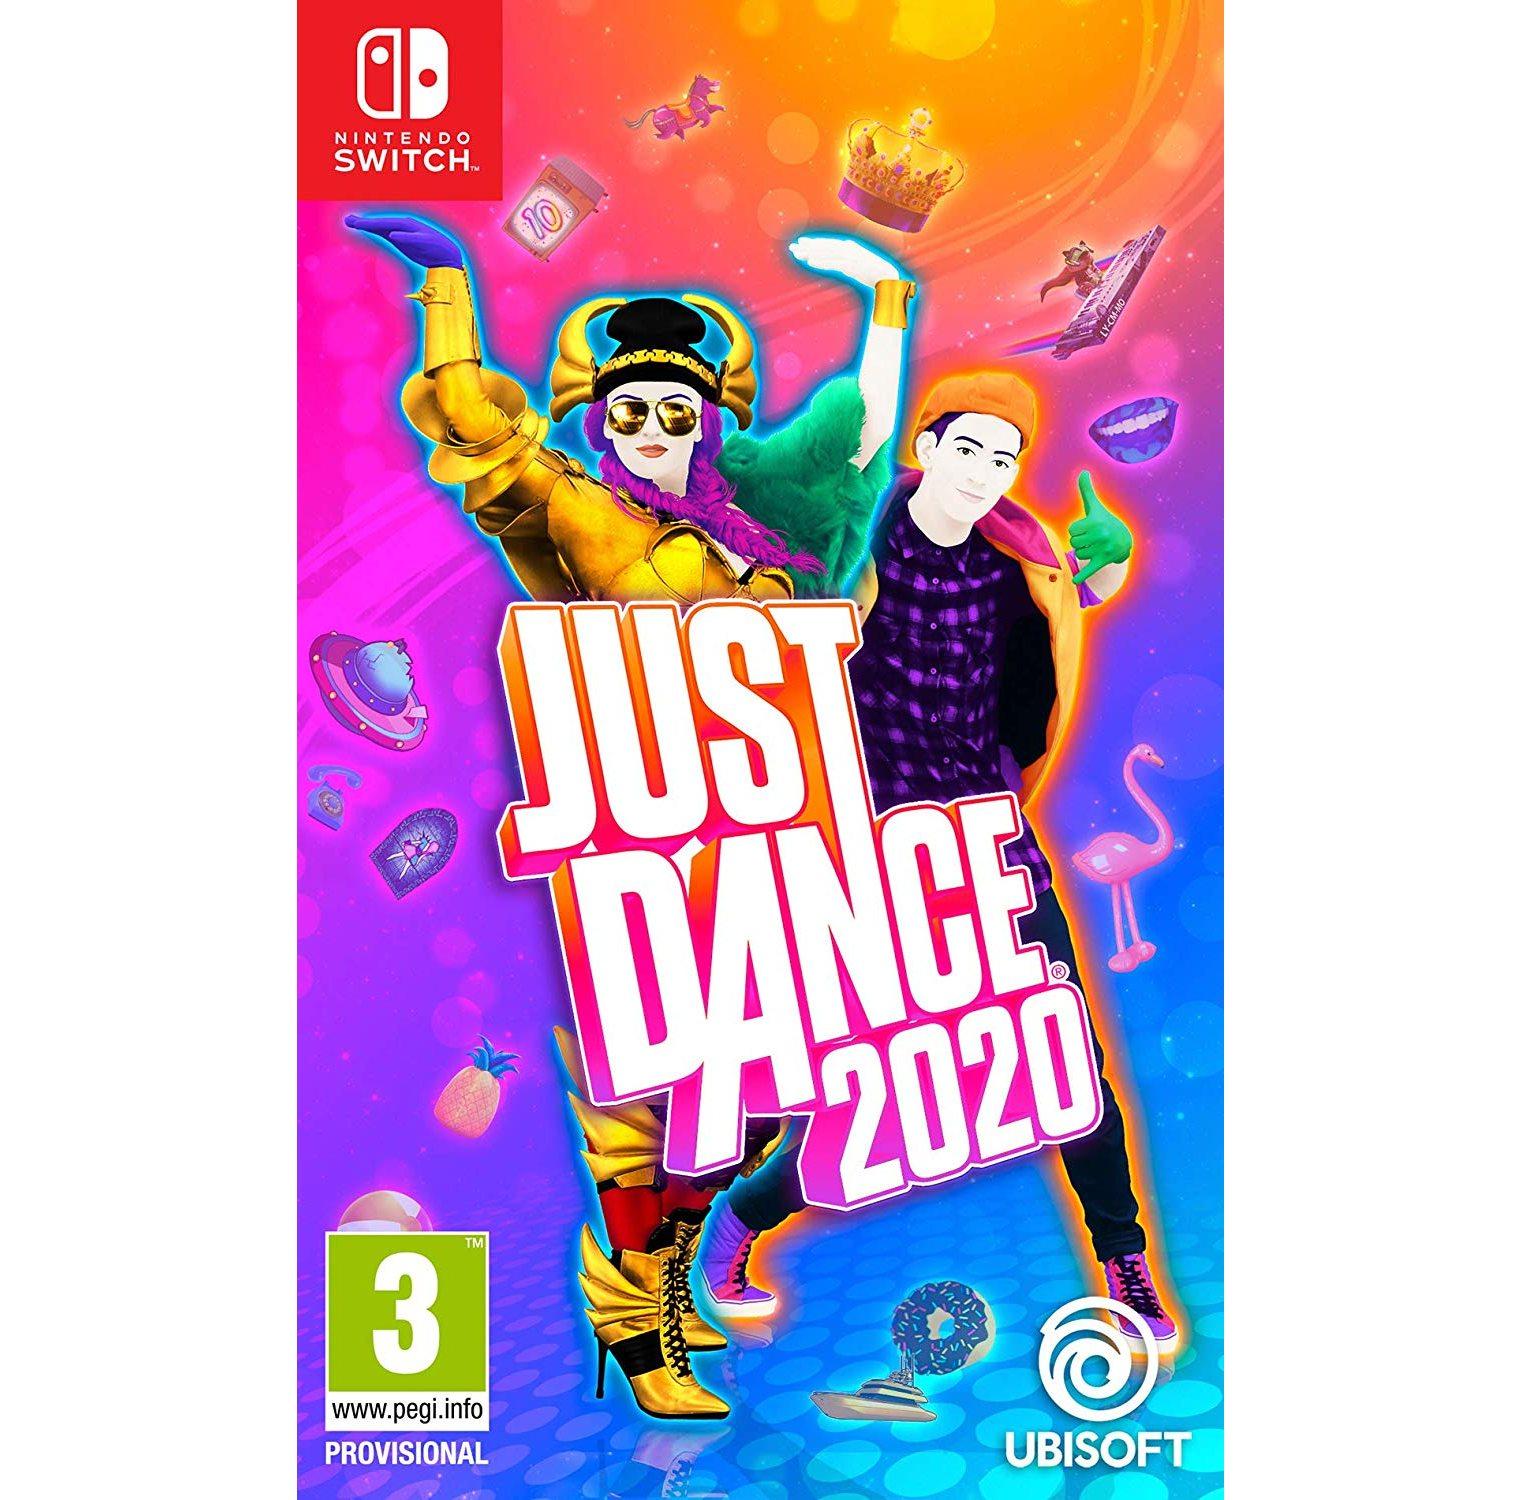 Nintendo Just Dance 2020 Nintendo